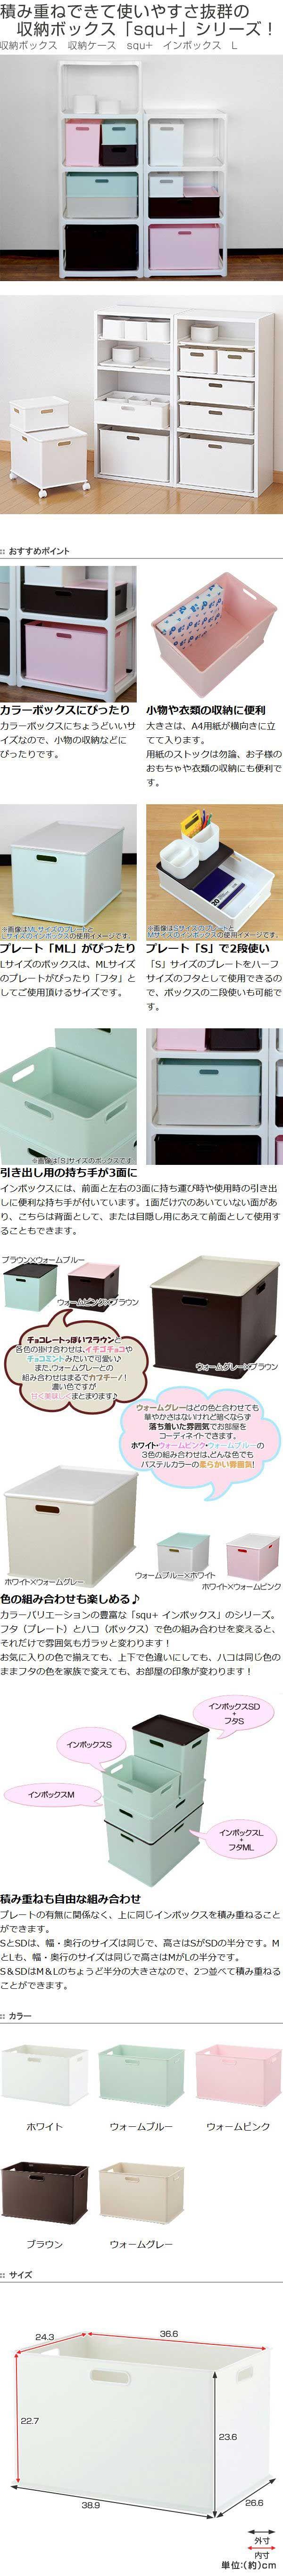 【ポイント最大24倍】。収納ボックス 収納ケース squ+ インボックス L ( 収納 カラーボックス インナーボックス 横置き おもちゃ箱 プラスチック コンテナ 積み重ね スタッキング 小物入れ インナーケース 小物収納 小物 )